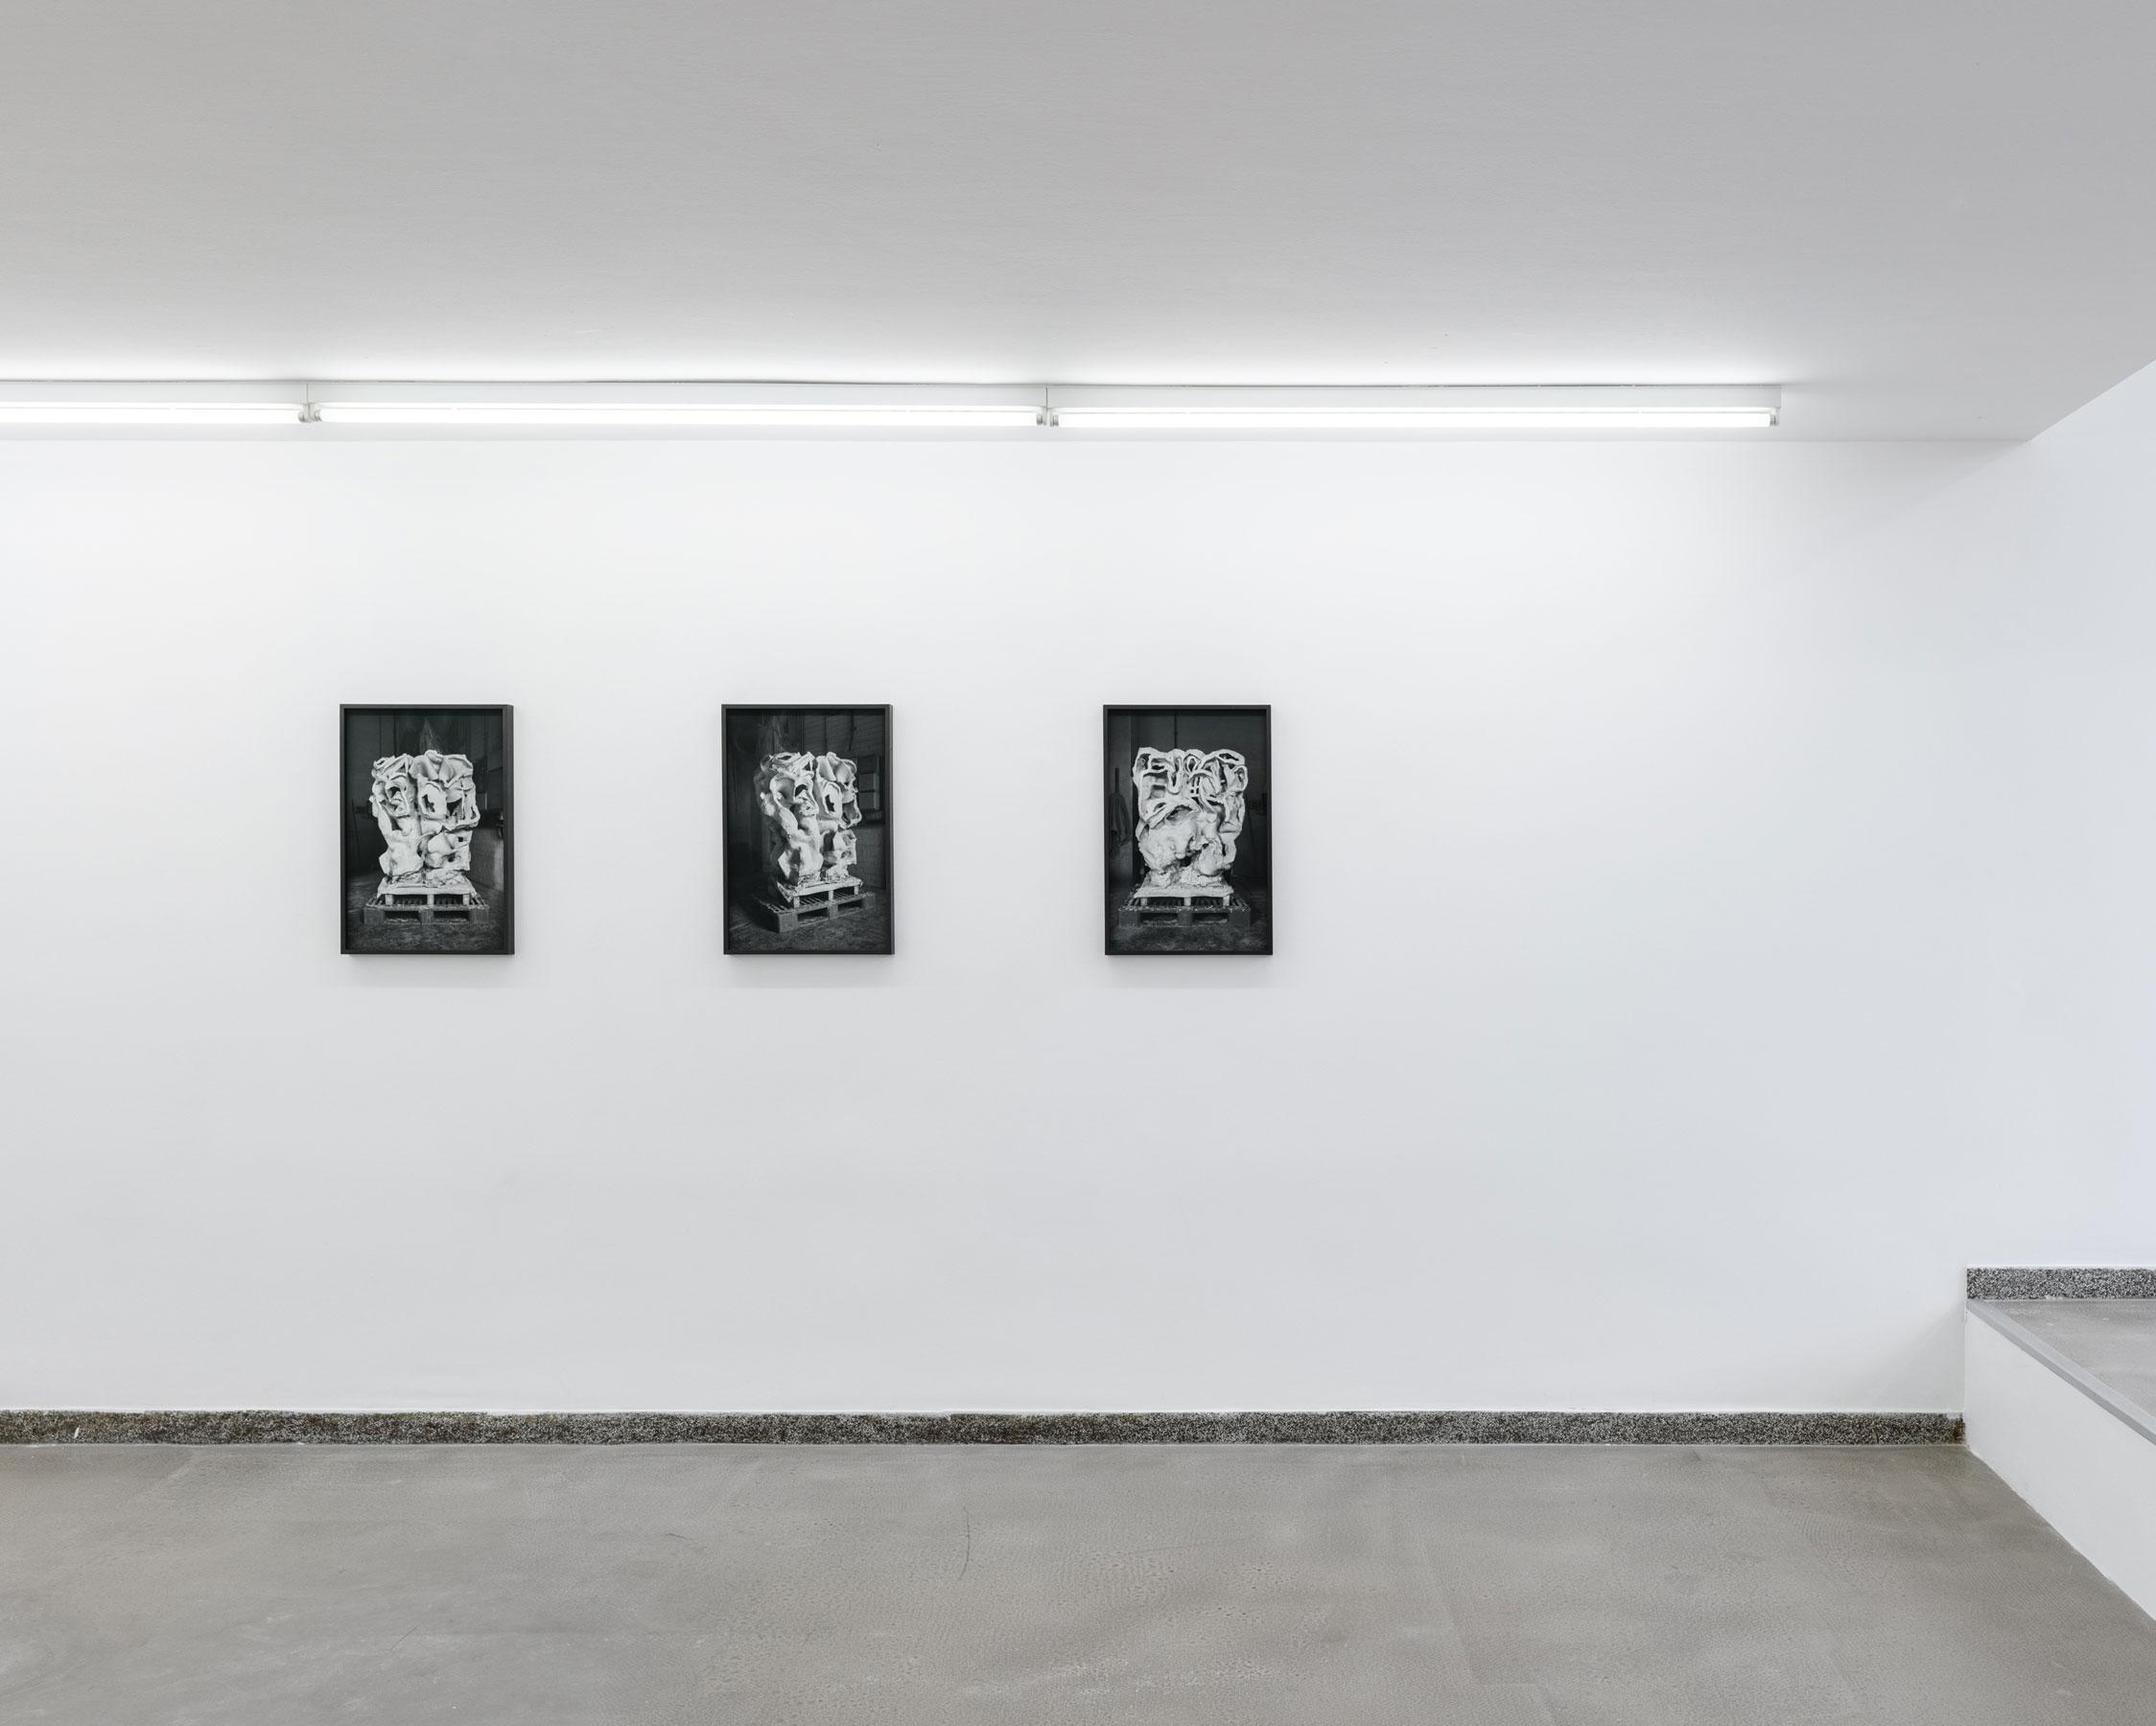 von-allen-seiten_Karweick_Moritz_Temple-Triptychon_2021_09